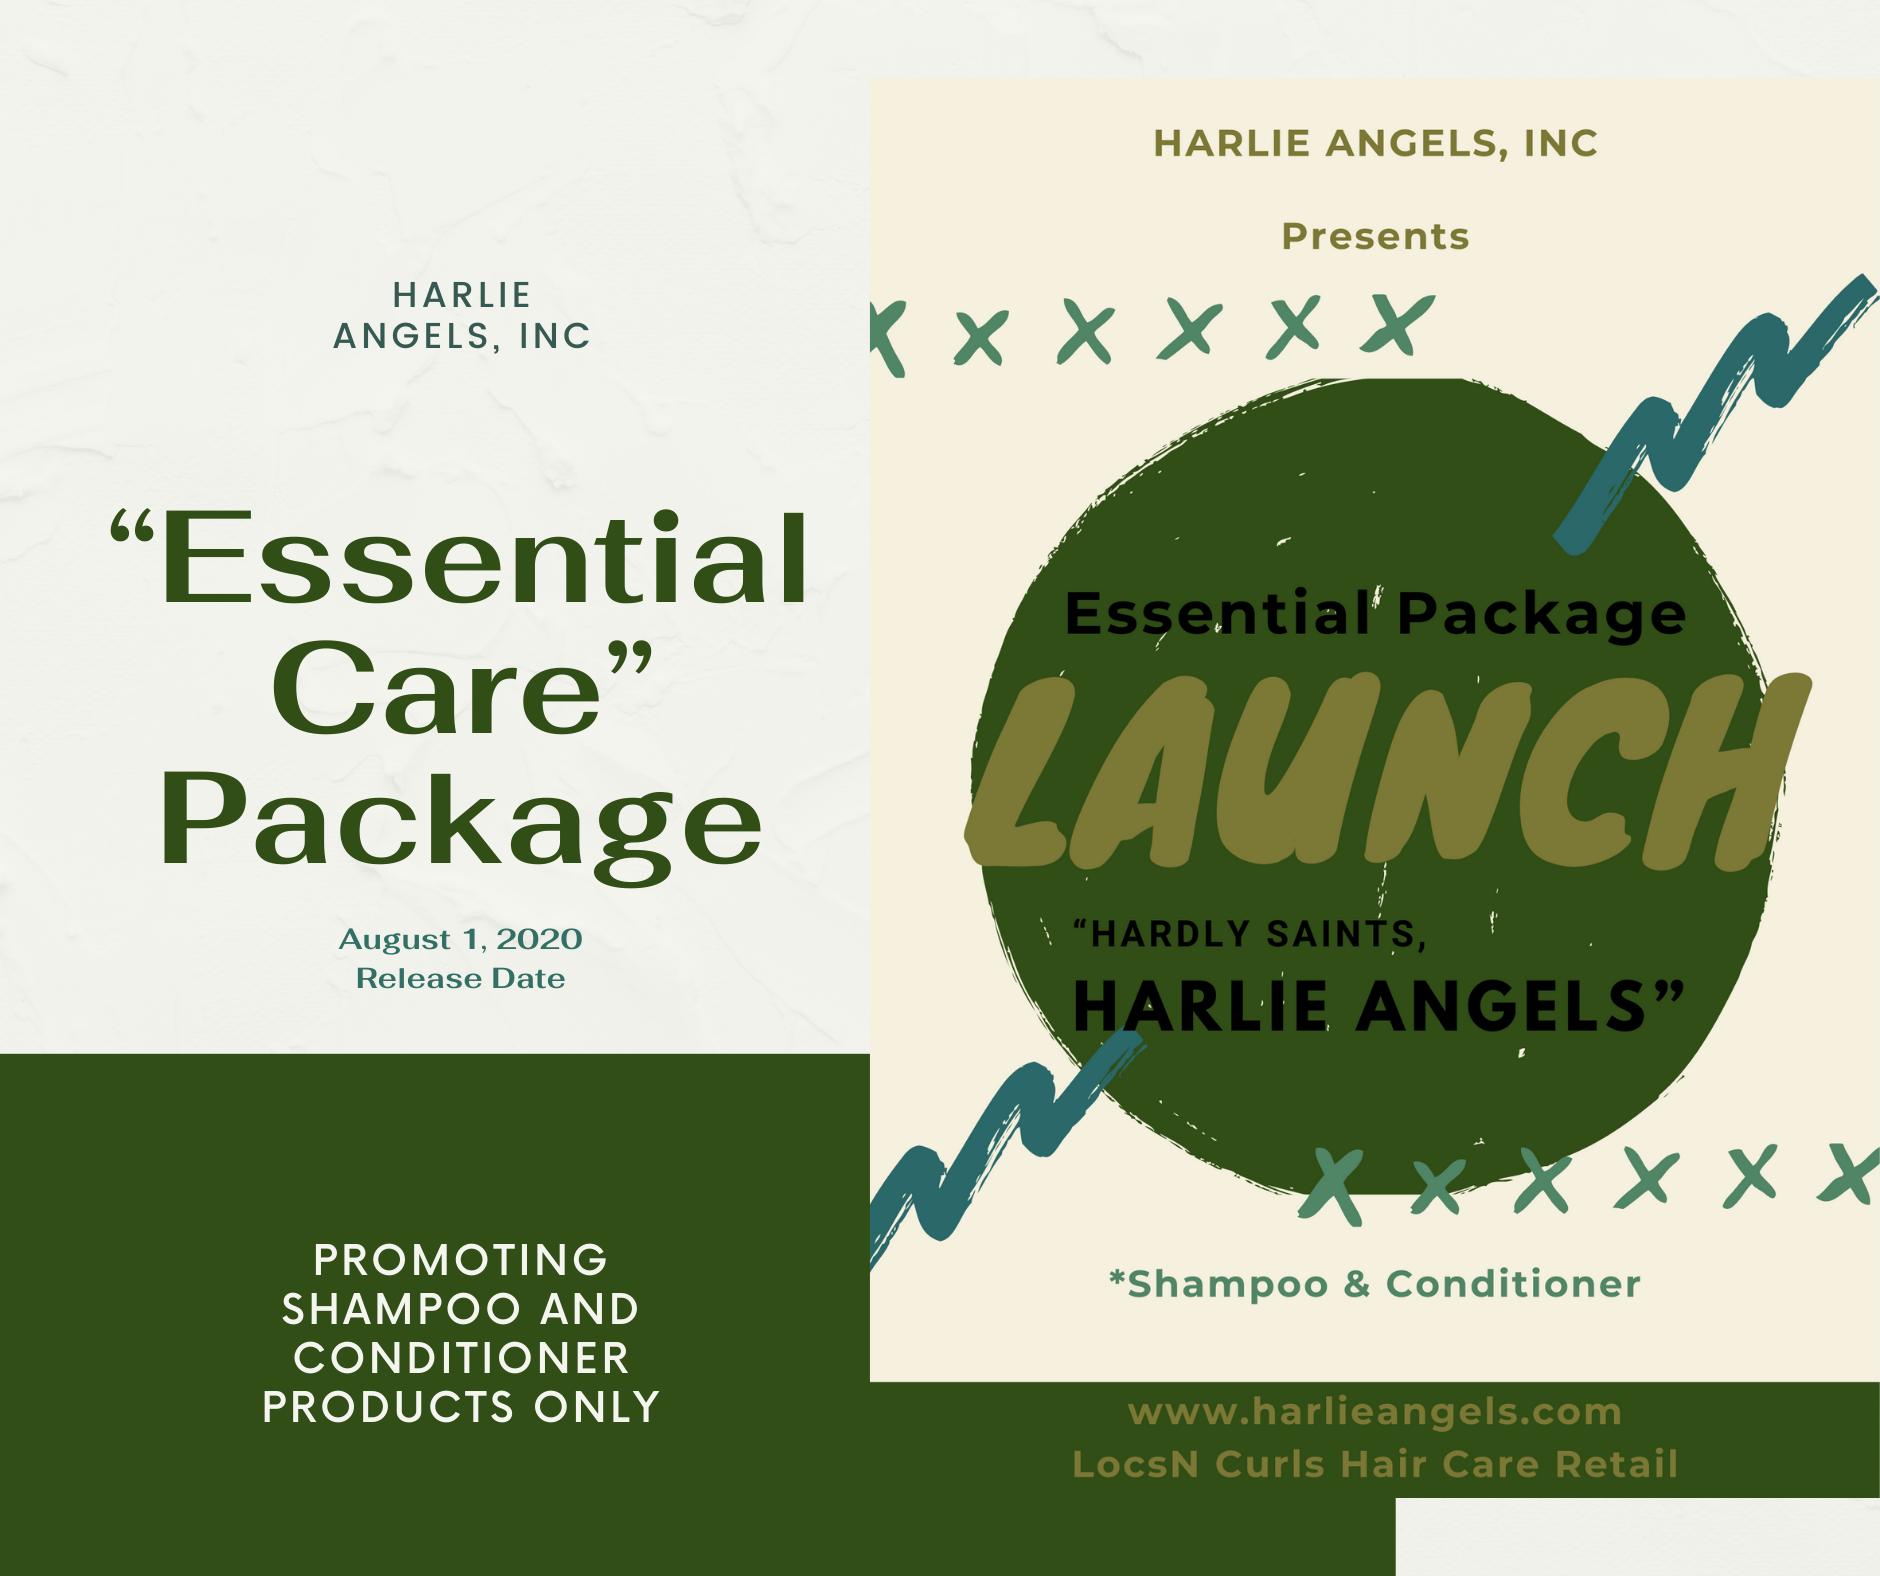 Premium launches